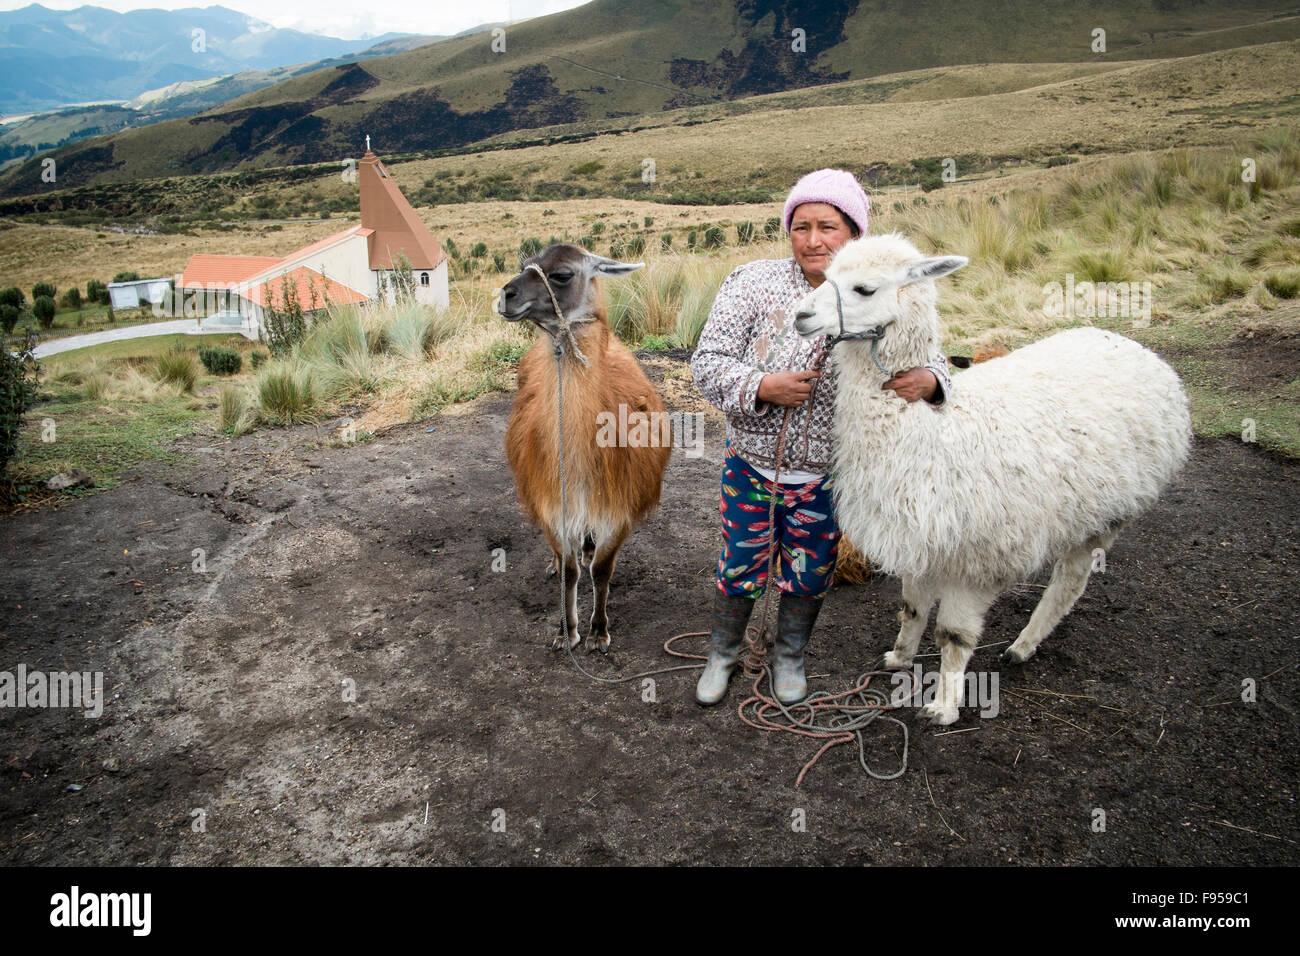 Sul lato est del vulcano Pichincha , Quito , Ecuador. Una donna con il suo alpaca Immagini Stock